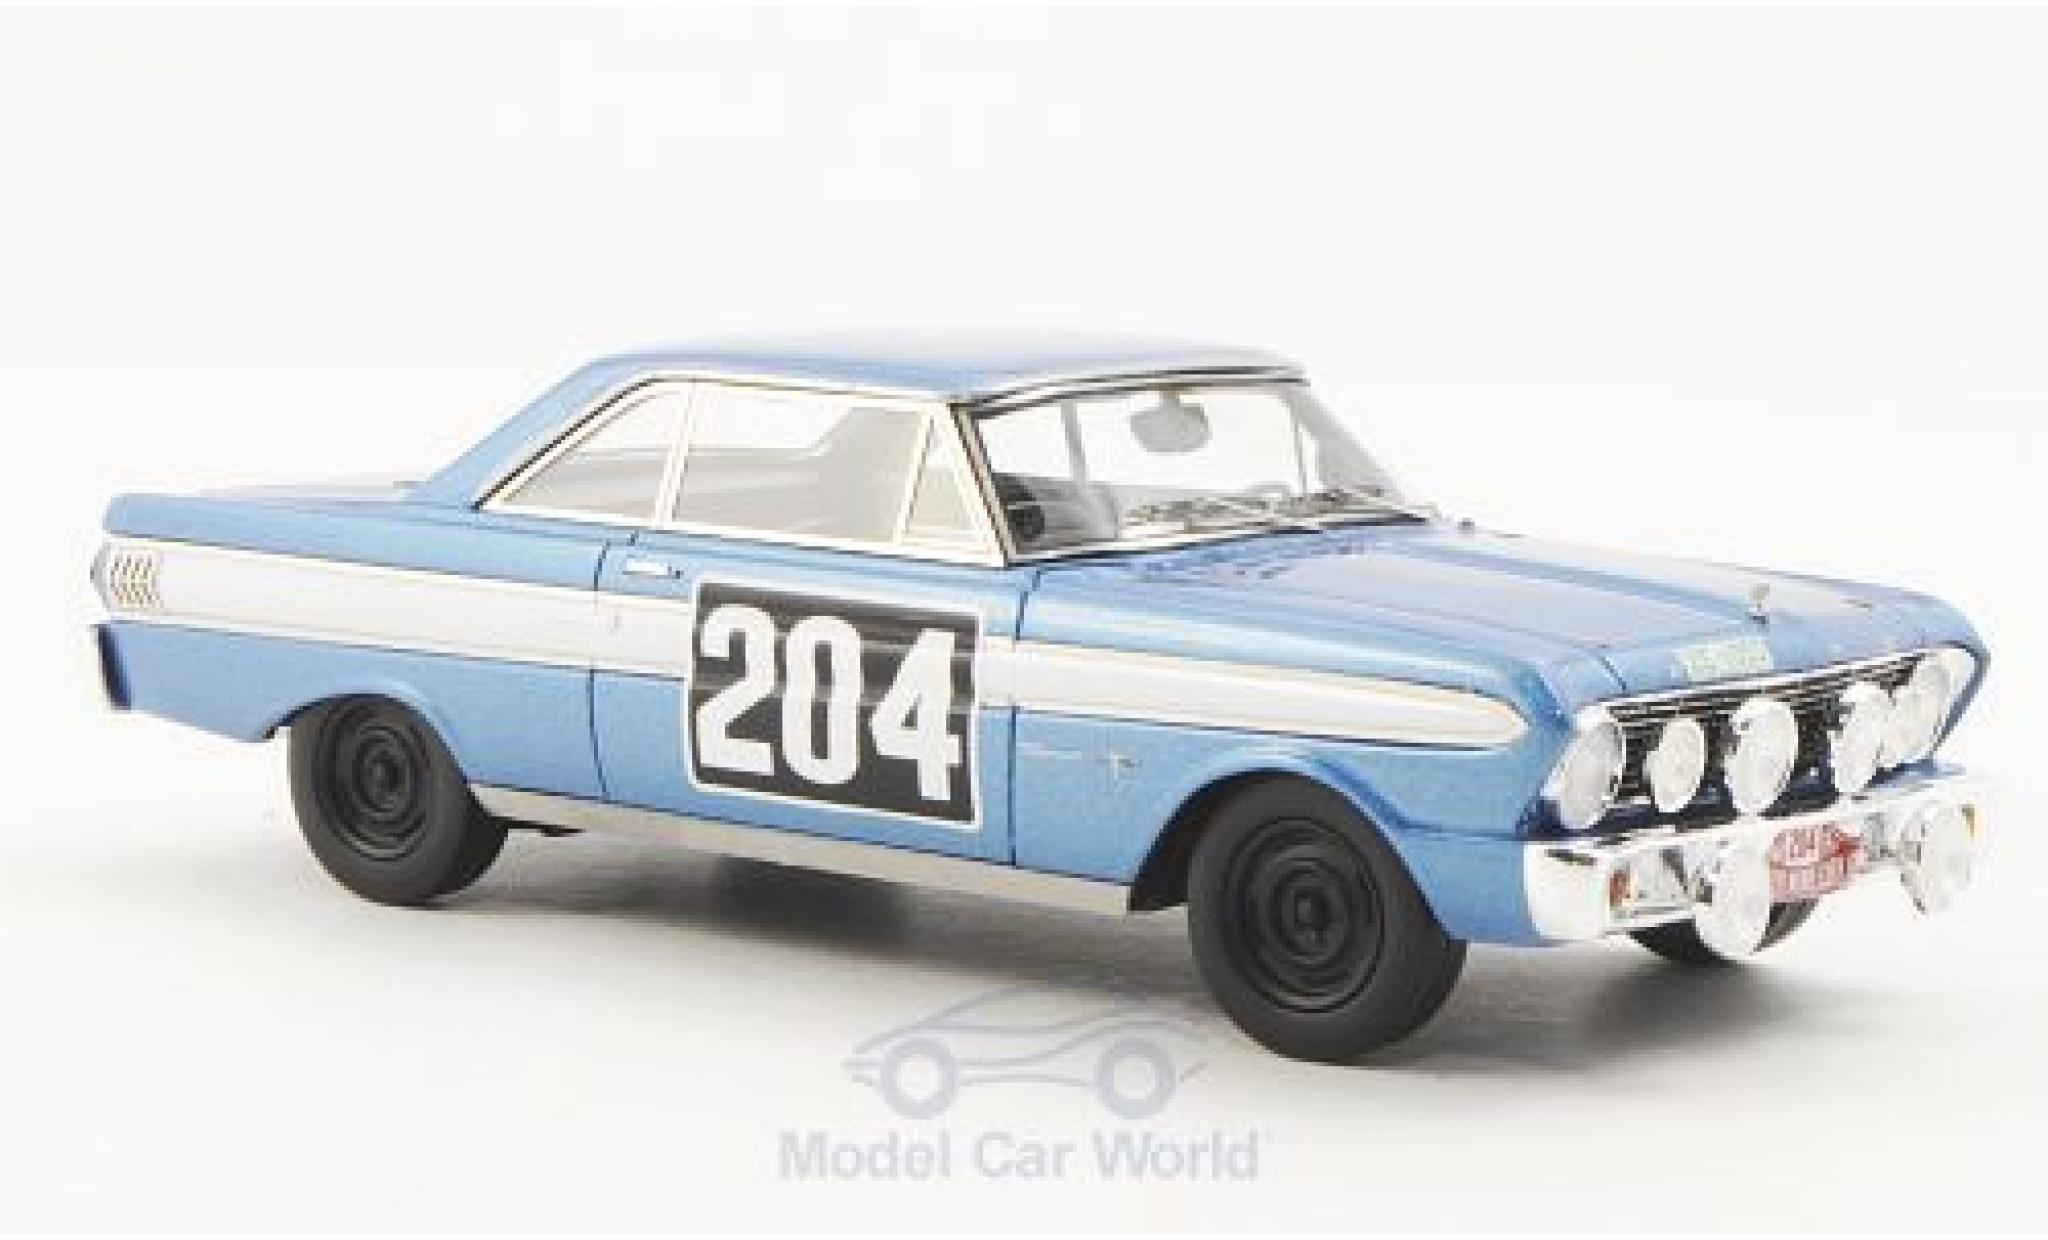 Ford Falcon 1/43 Neo Limited 300 Futura Sprint No.204 Rallye Monte-Carlo 1964